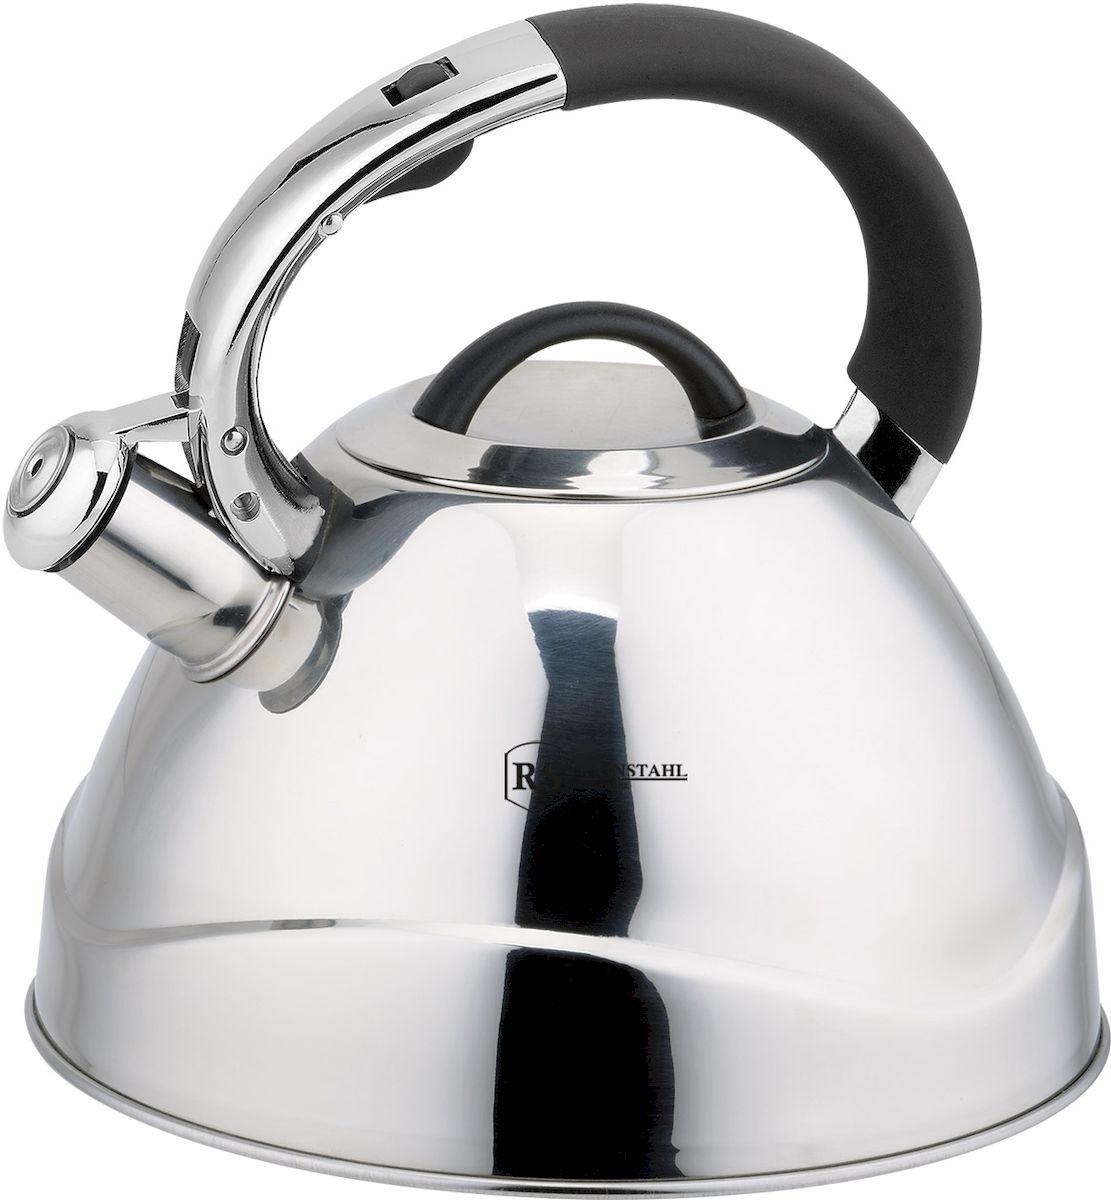 Чайник Rainstahl, со свистком, 3,5 л. 7619-35RS/WK чайник rainstahl со свистком цвет белый 2 7 л 7642 27rs wk